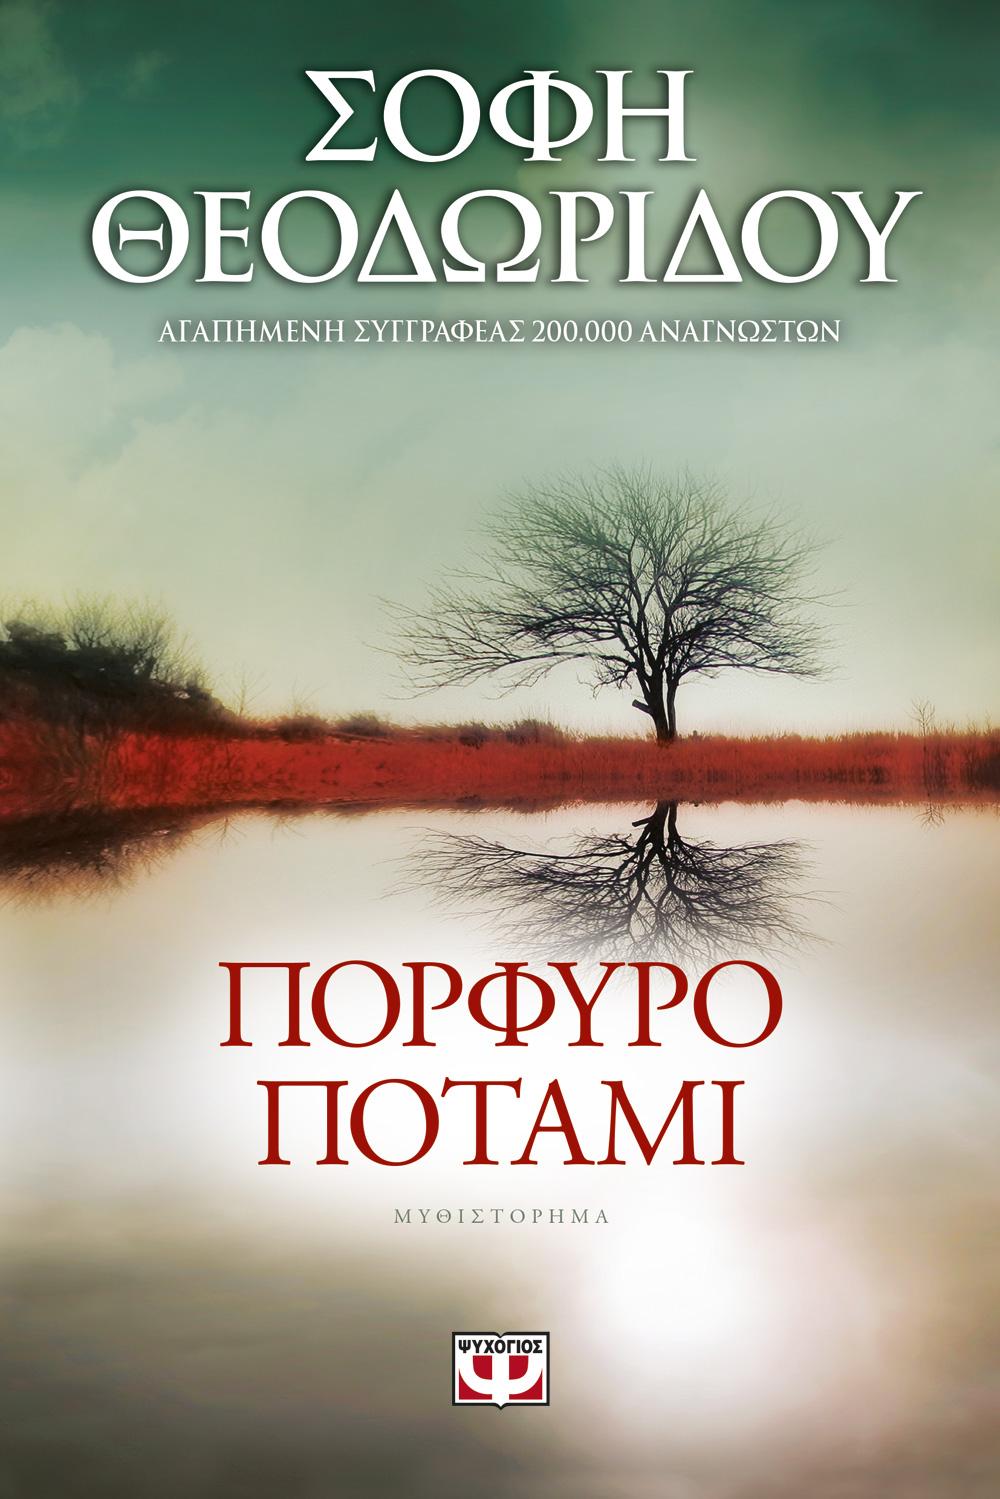 ΠΟΡΦΥΡΟ ΠΟΤΑΜΙ - ΣΟΦΗ ΘΕΟΔΩΡΙΔΟΥ